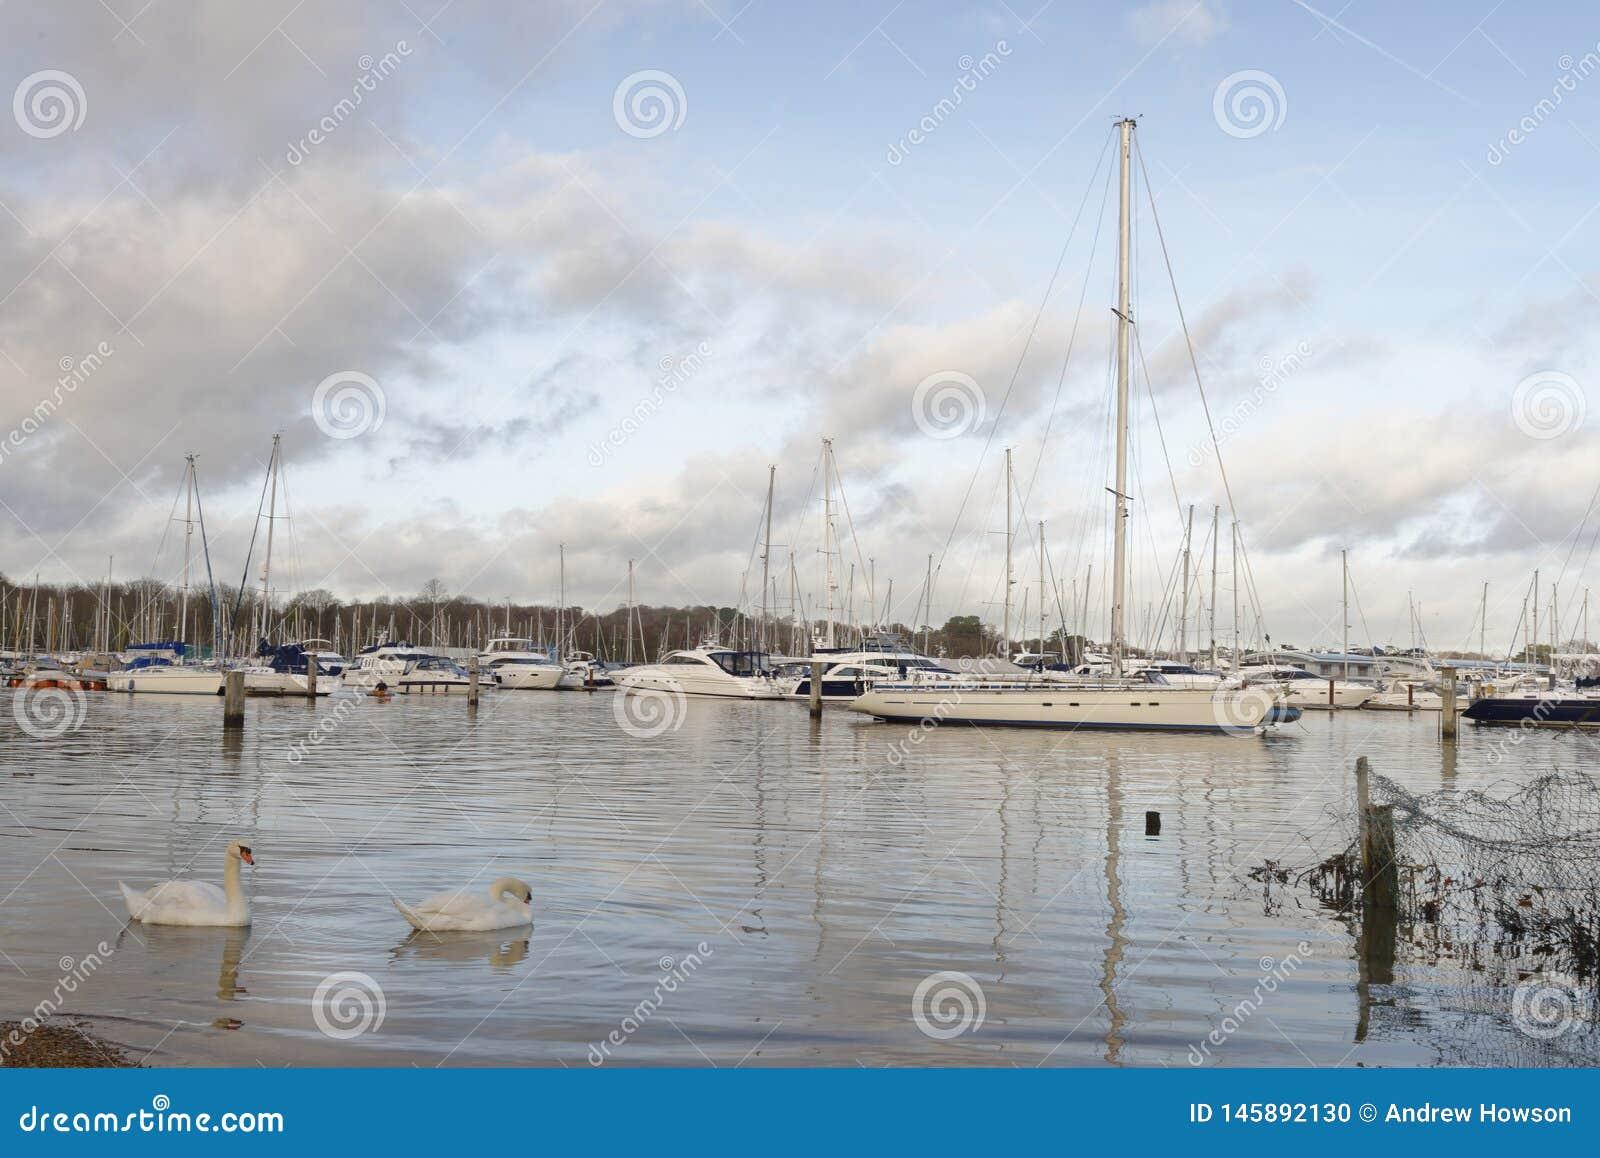 Βάρκες και γιοτ που δένονται στο λιμάνι, bursledon, Αγγλία, Ευρώπη κύκνοι